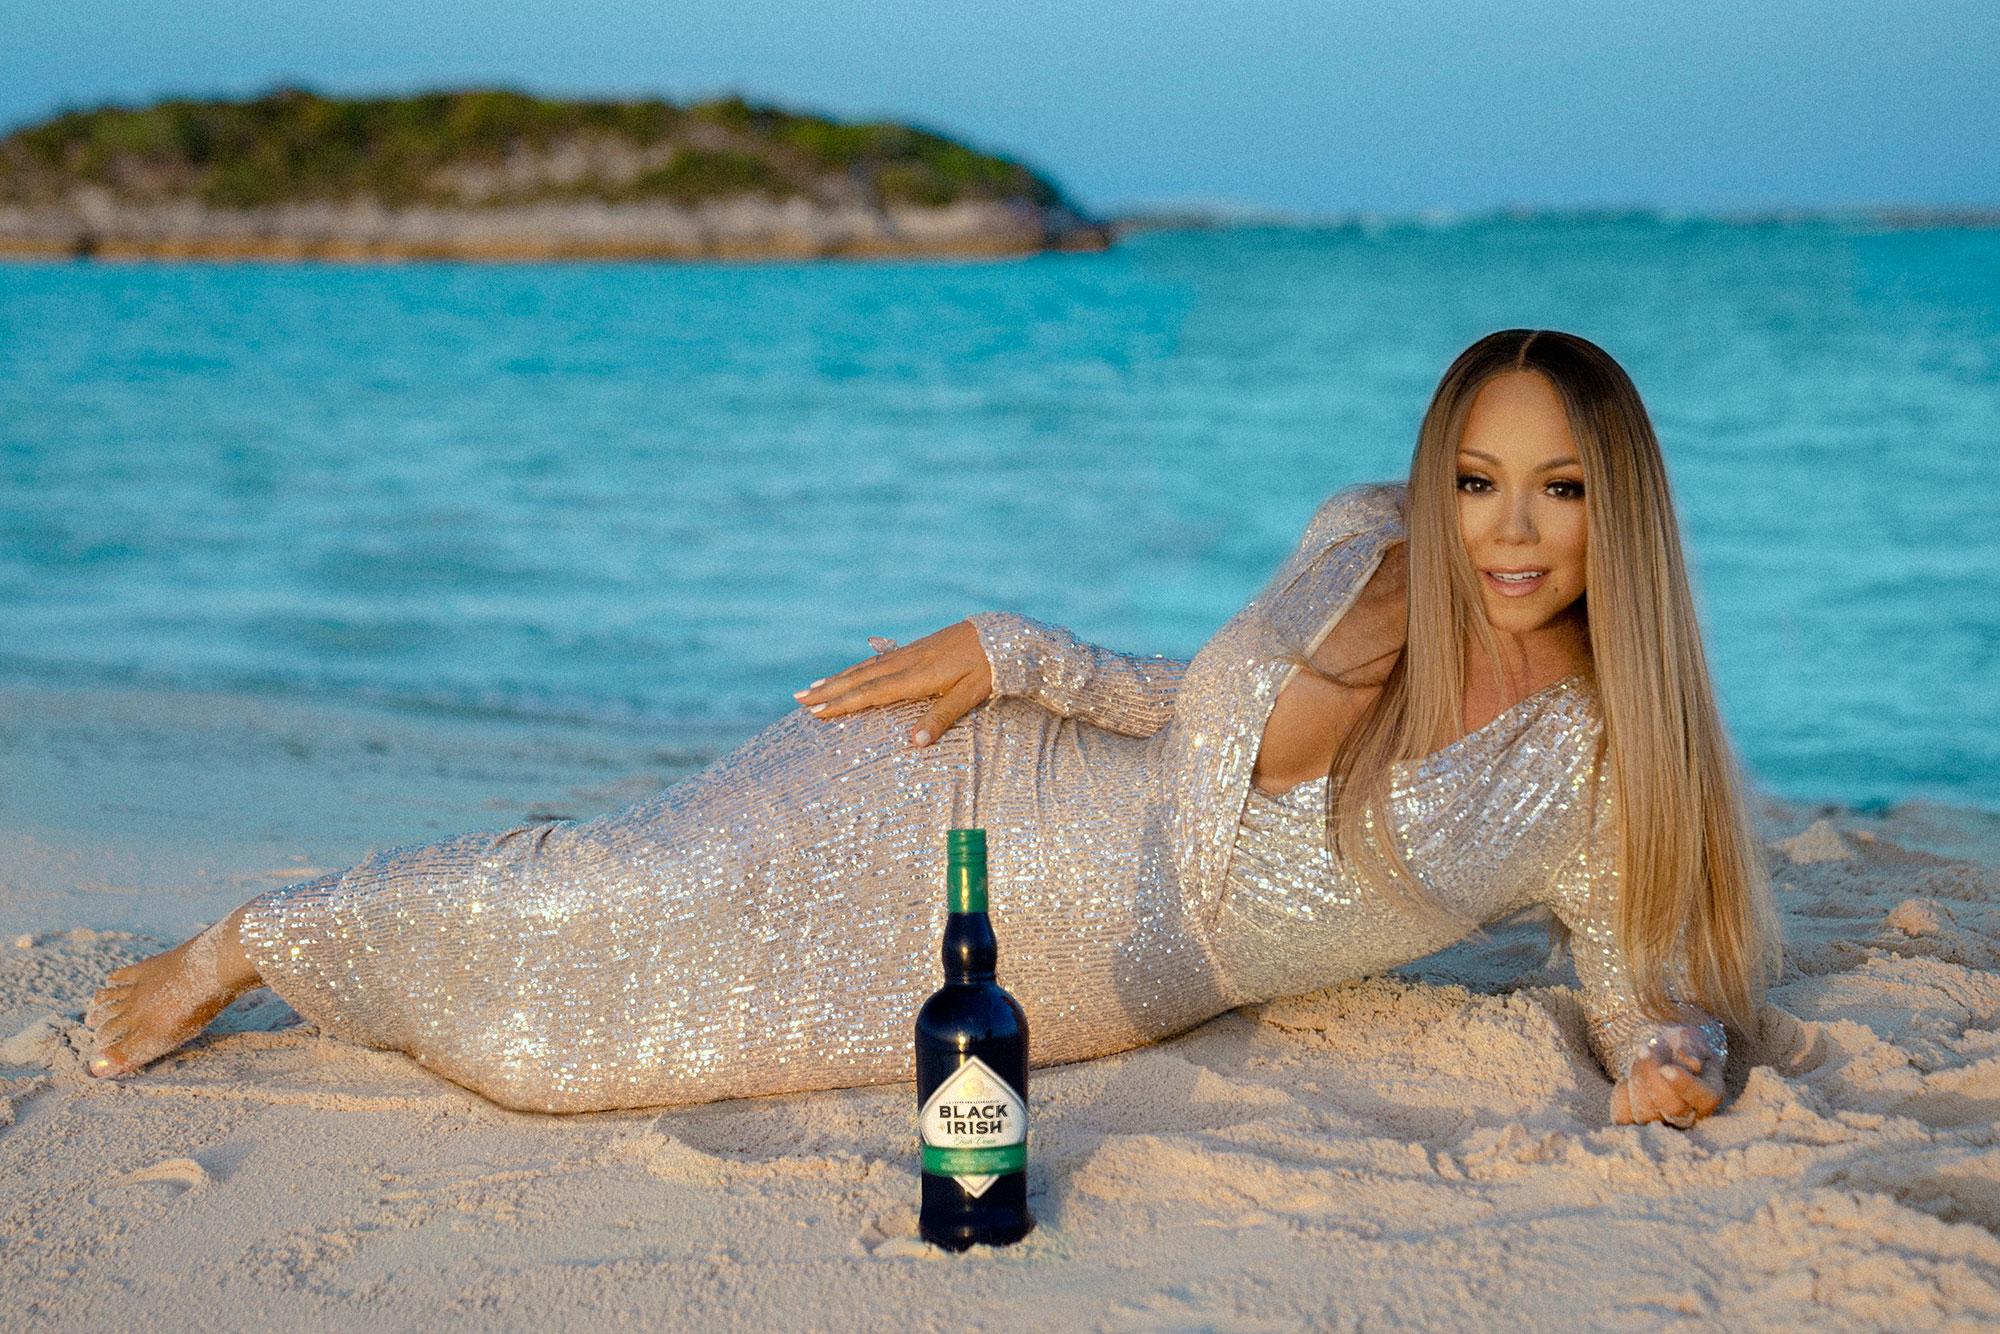 Mariah Carey Just Launched Her Own Irish Cream Brand, 'Black Irish'   Food and Wine